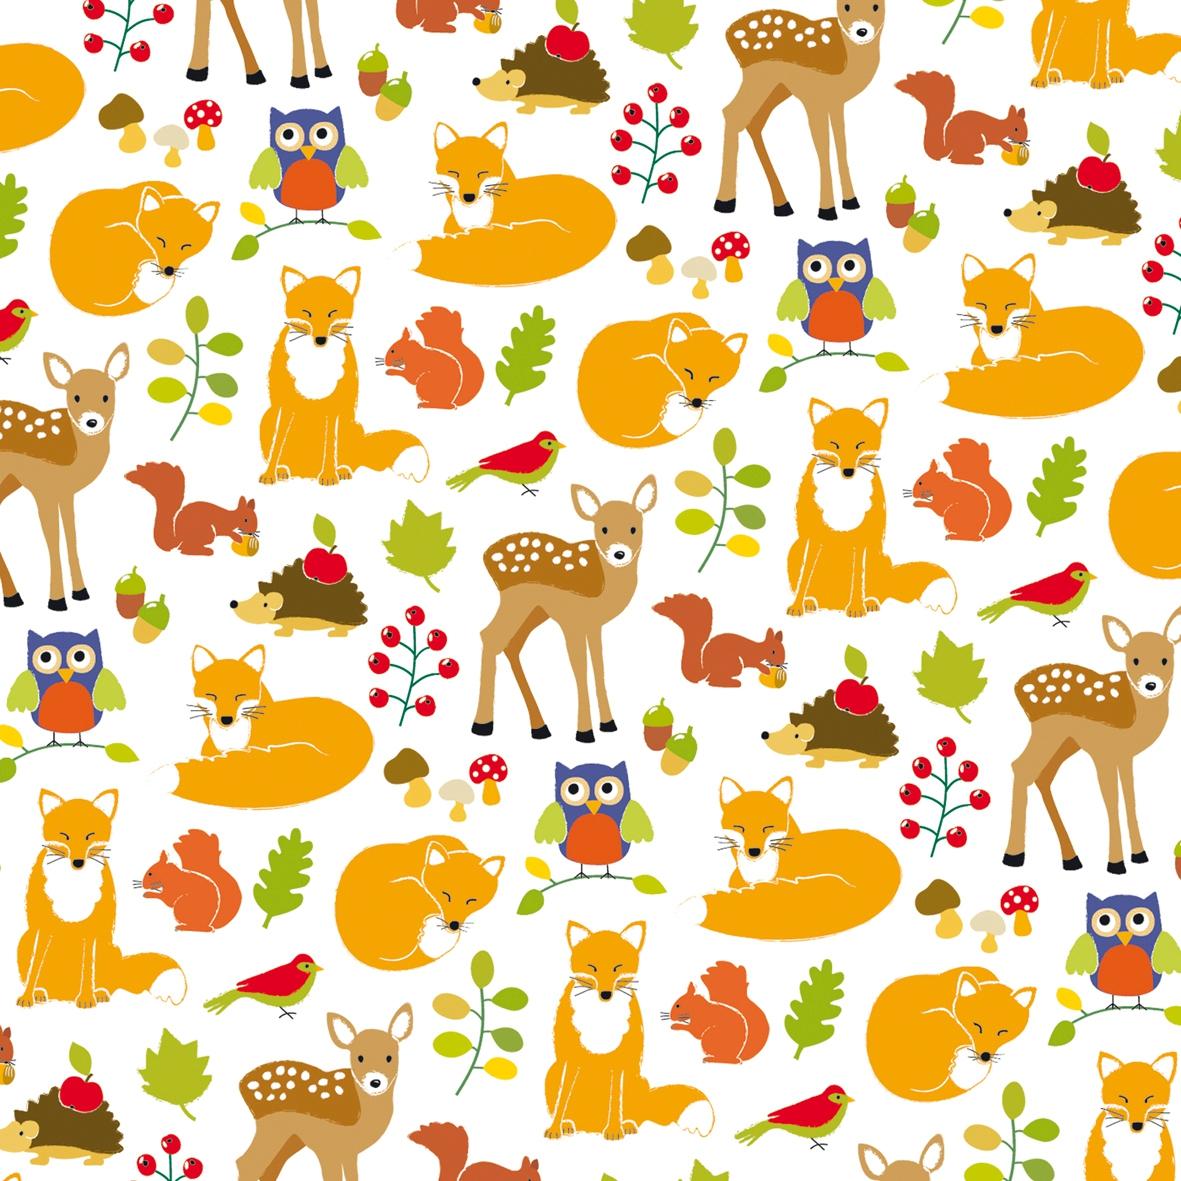 Paperproducts Design, Tiere - Vögel,  Tiere - Eichhörnchen,  Tiere - Reh / Hirsch,  Tiere - Igel,  Herbst,  lunchservietten,  Eulen,  Vögel,  Blätter,  Fuchs